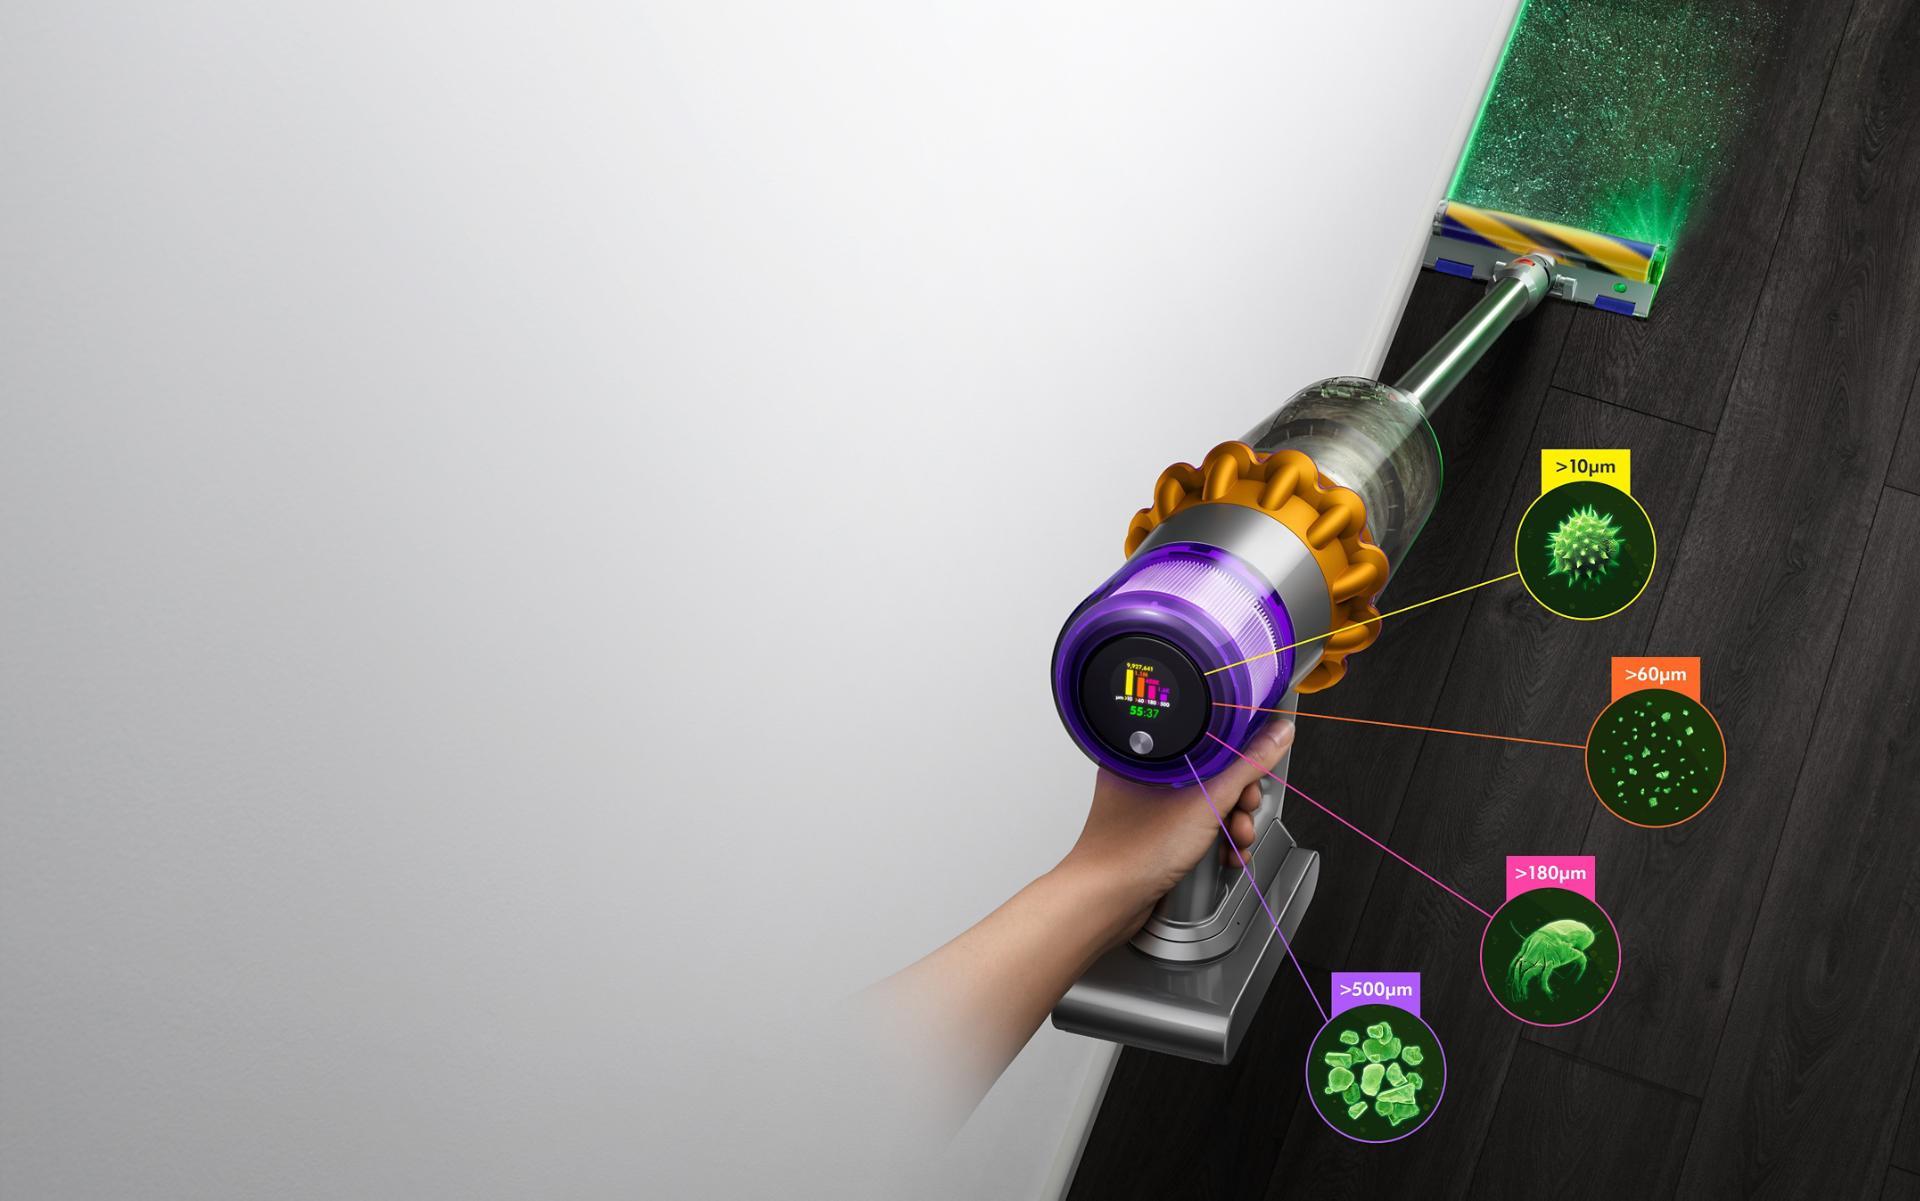 Odkurzacz bezprzewodowy Dyson V15 Detect z elektroszczotką Laser Slim Fluffy, wyświetlający ilość i rozmiary zebranego kurzu